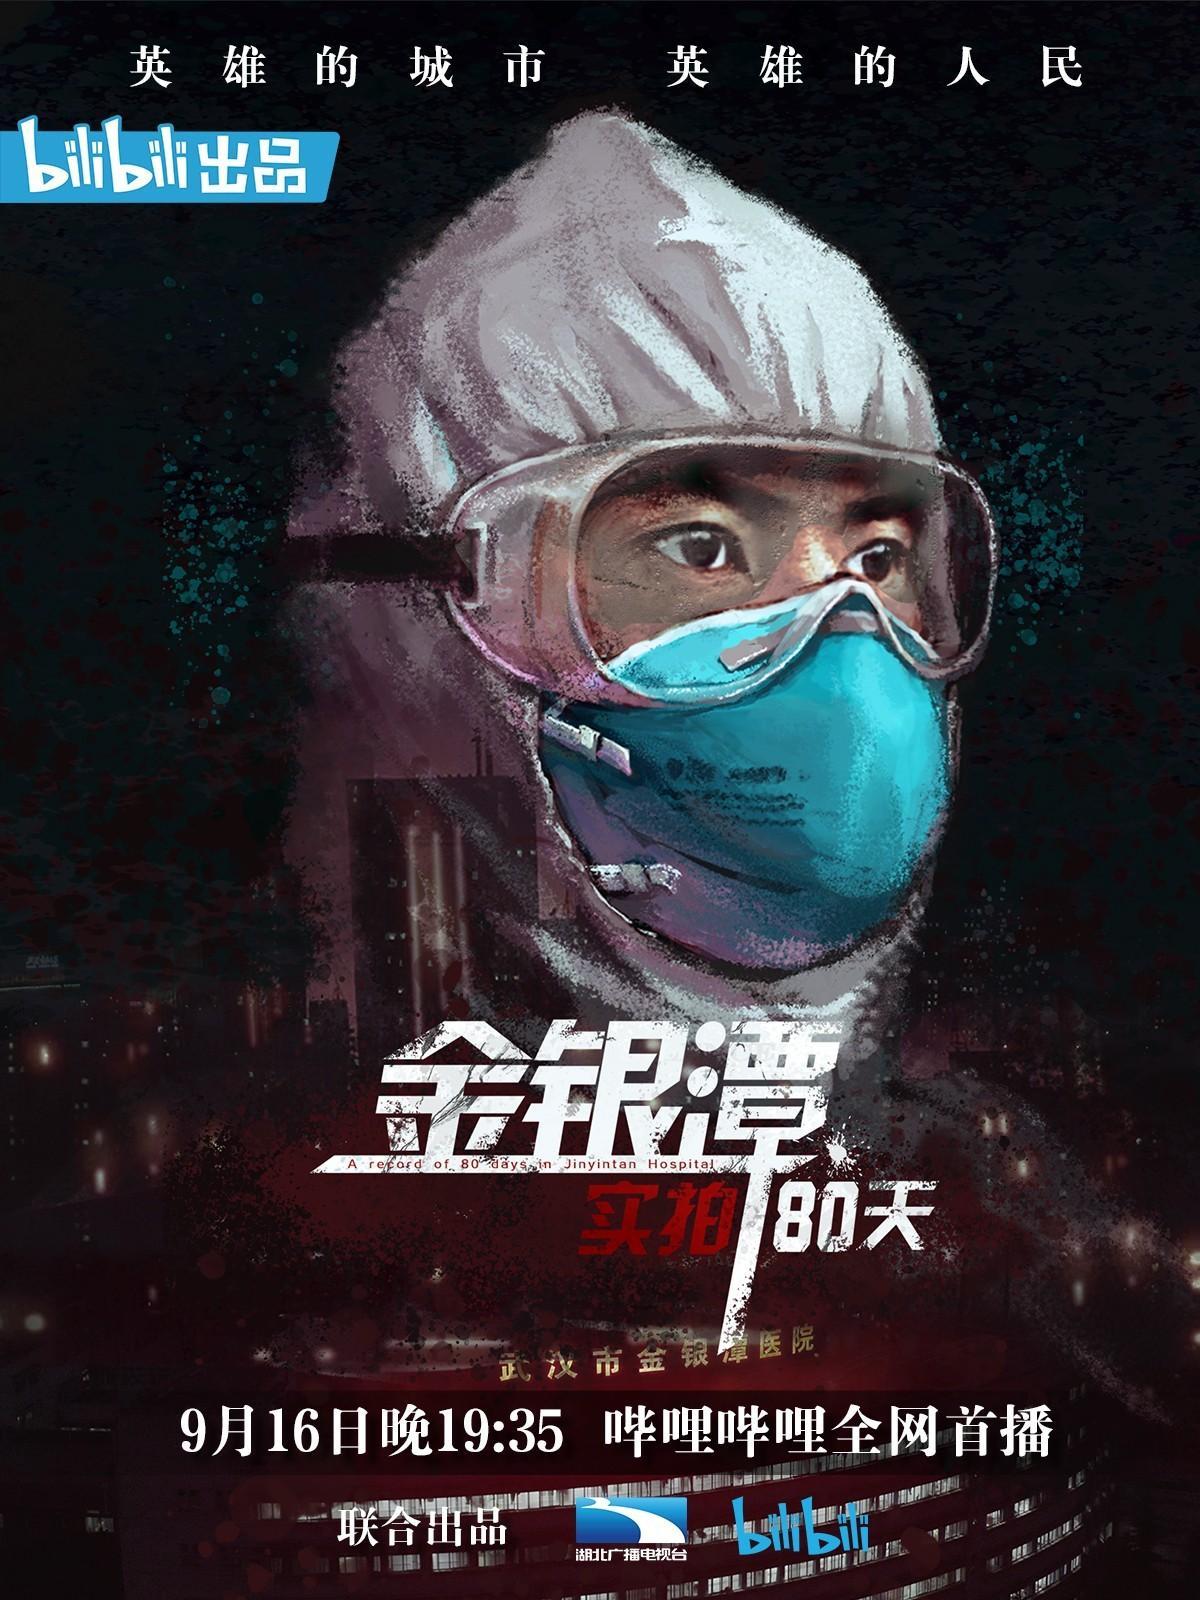 金银潭实拍80天海报